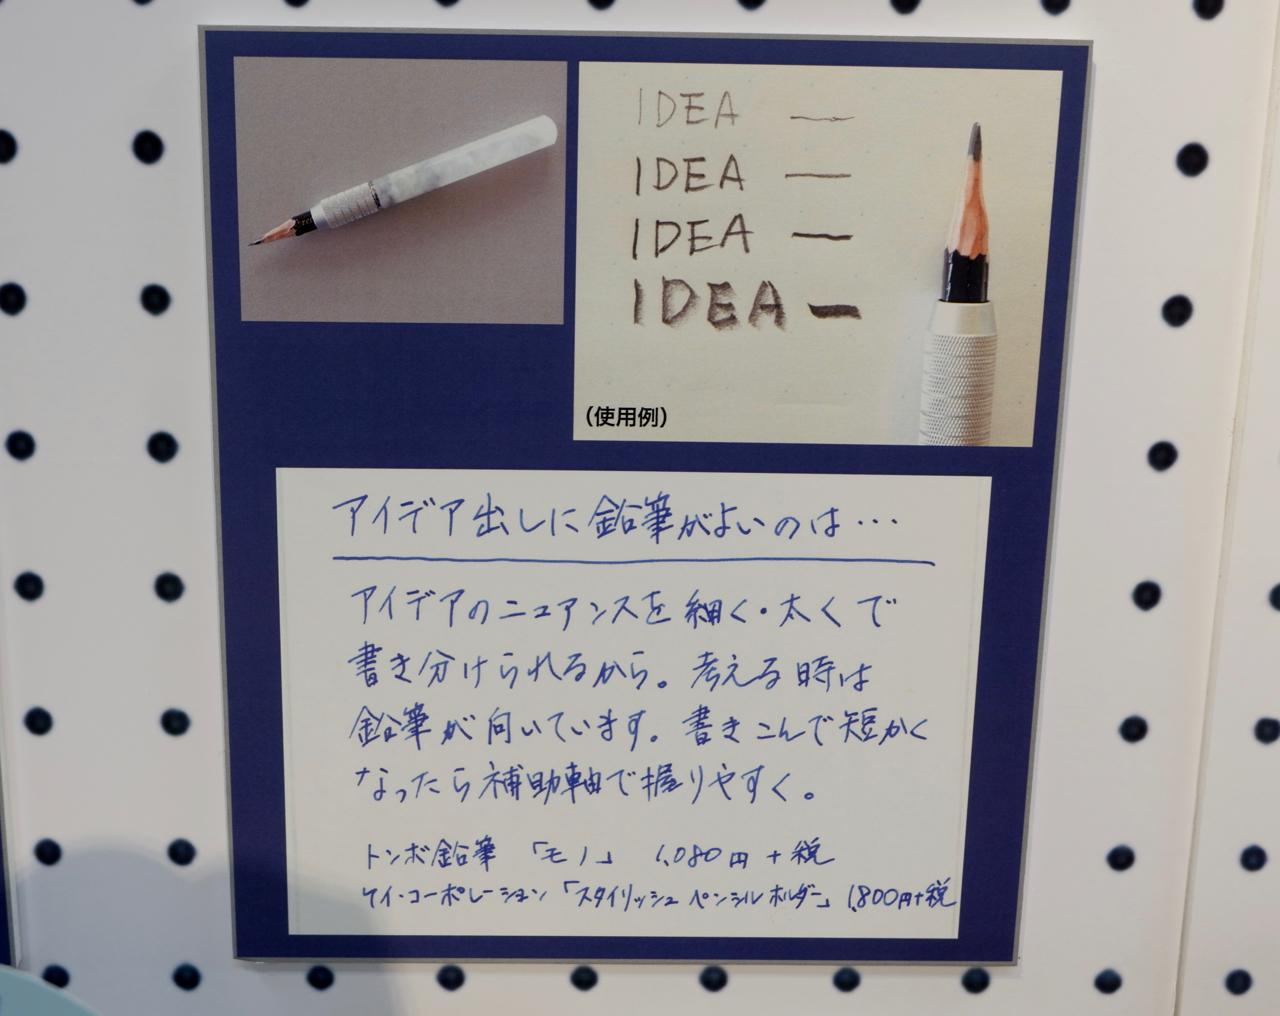 集中力を高める文具コーナー 東急ハンズ新宿店